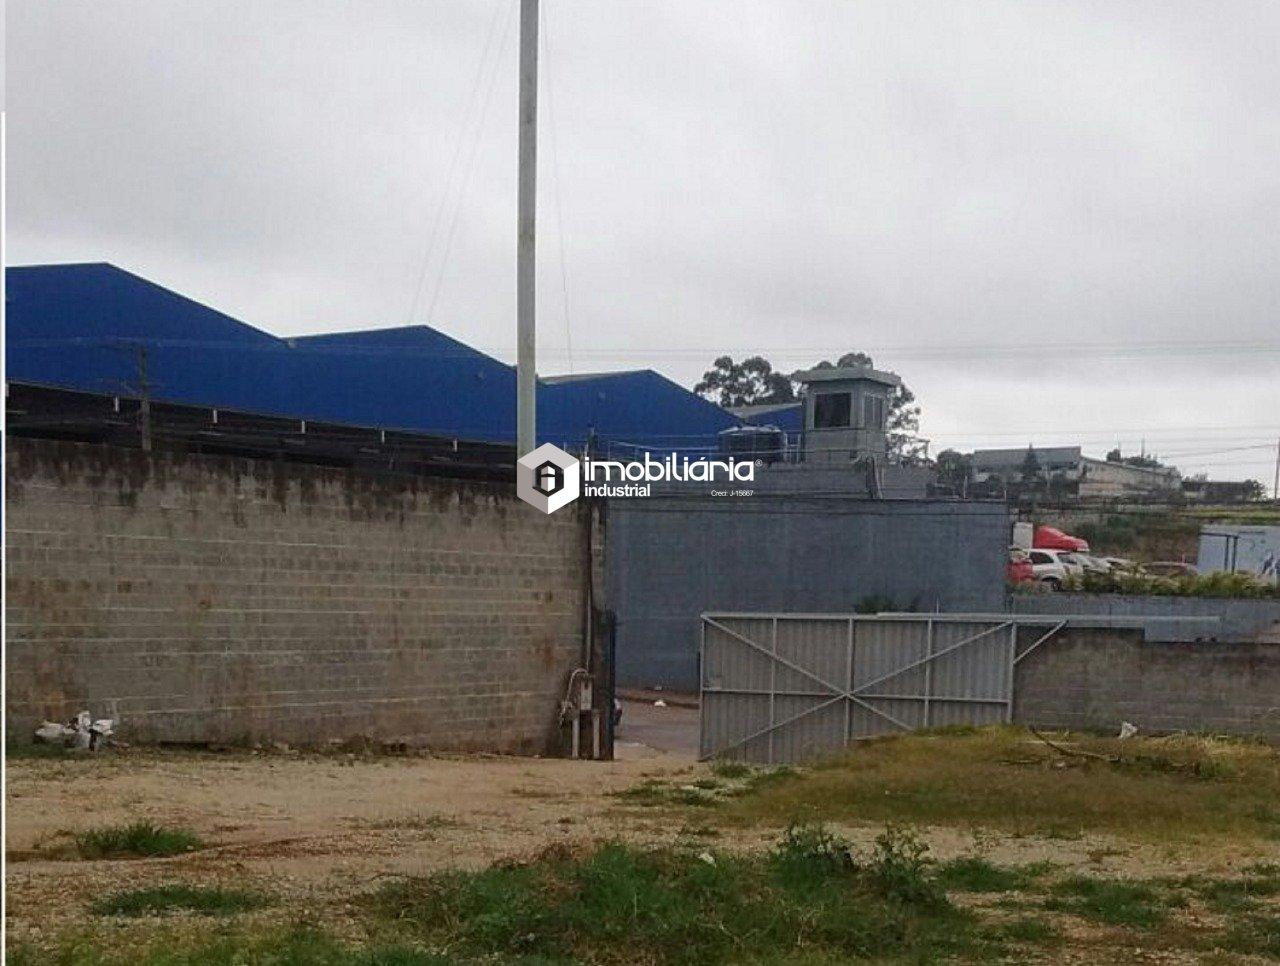 Terreno/Lote para alugar, 3.500 m² por R$ 6.500,00